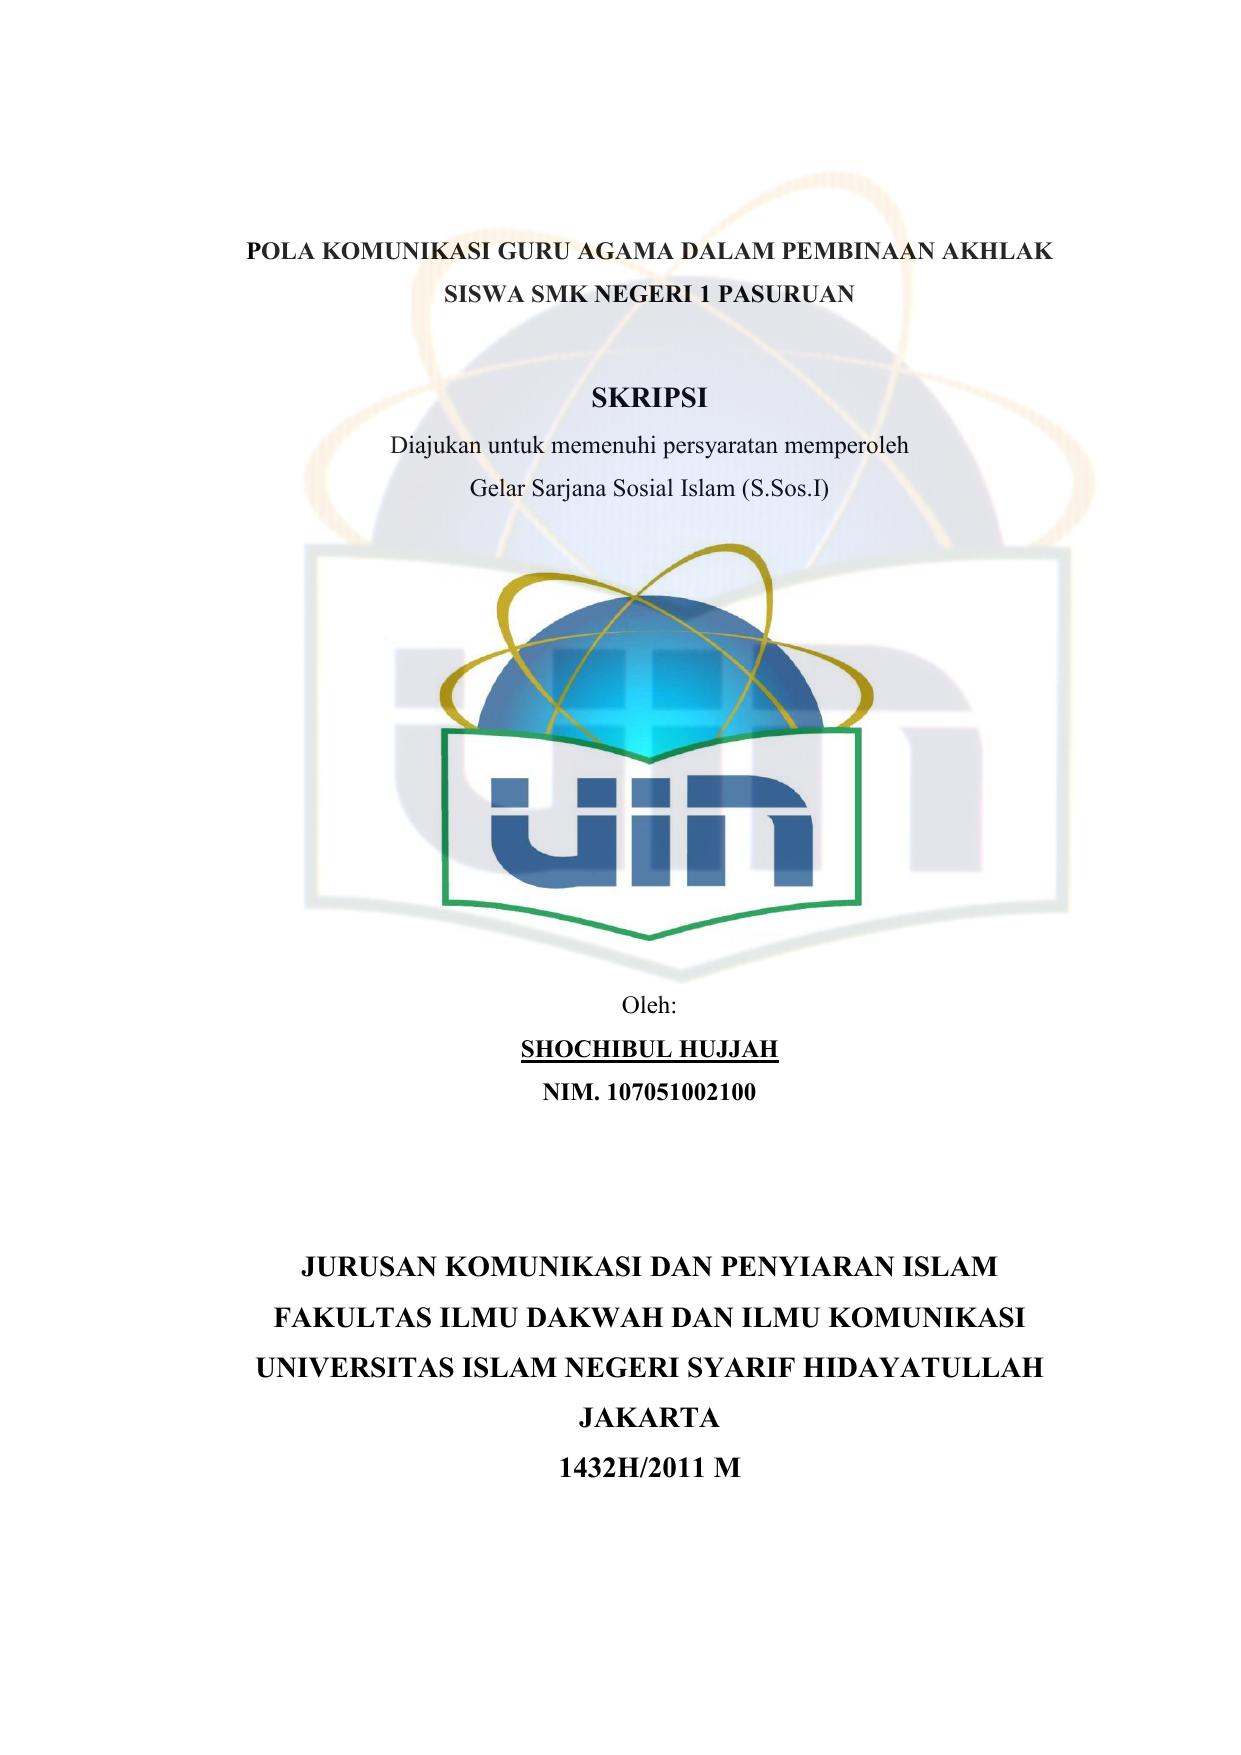 Skripsi Jurusan Komunikasi Dan Penyiaran Islam